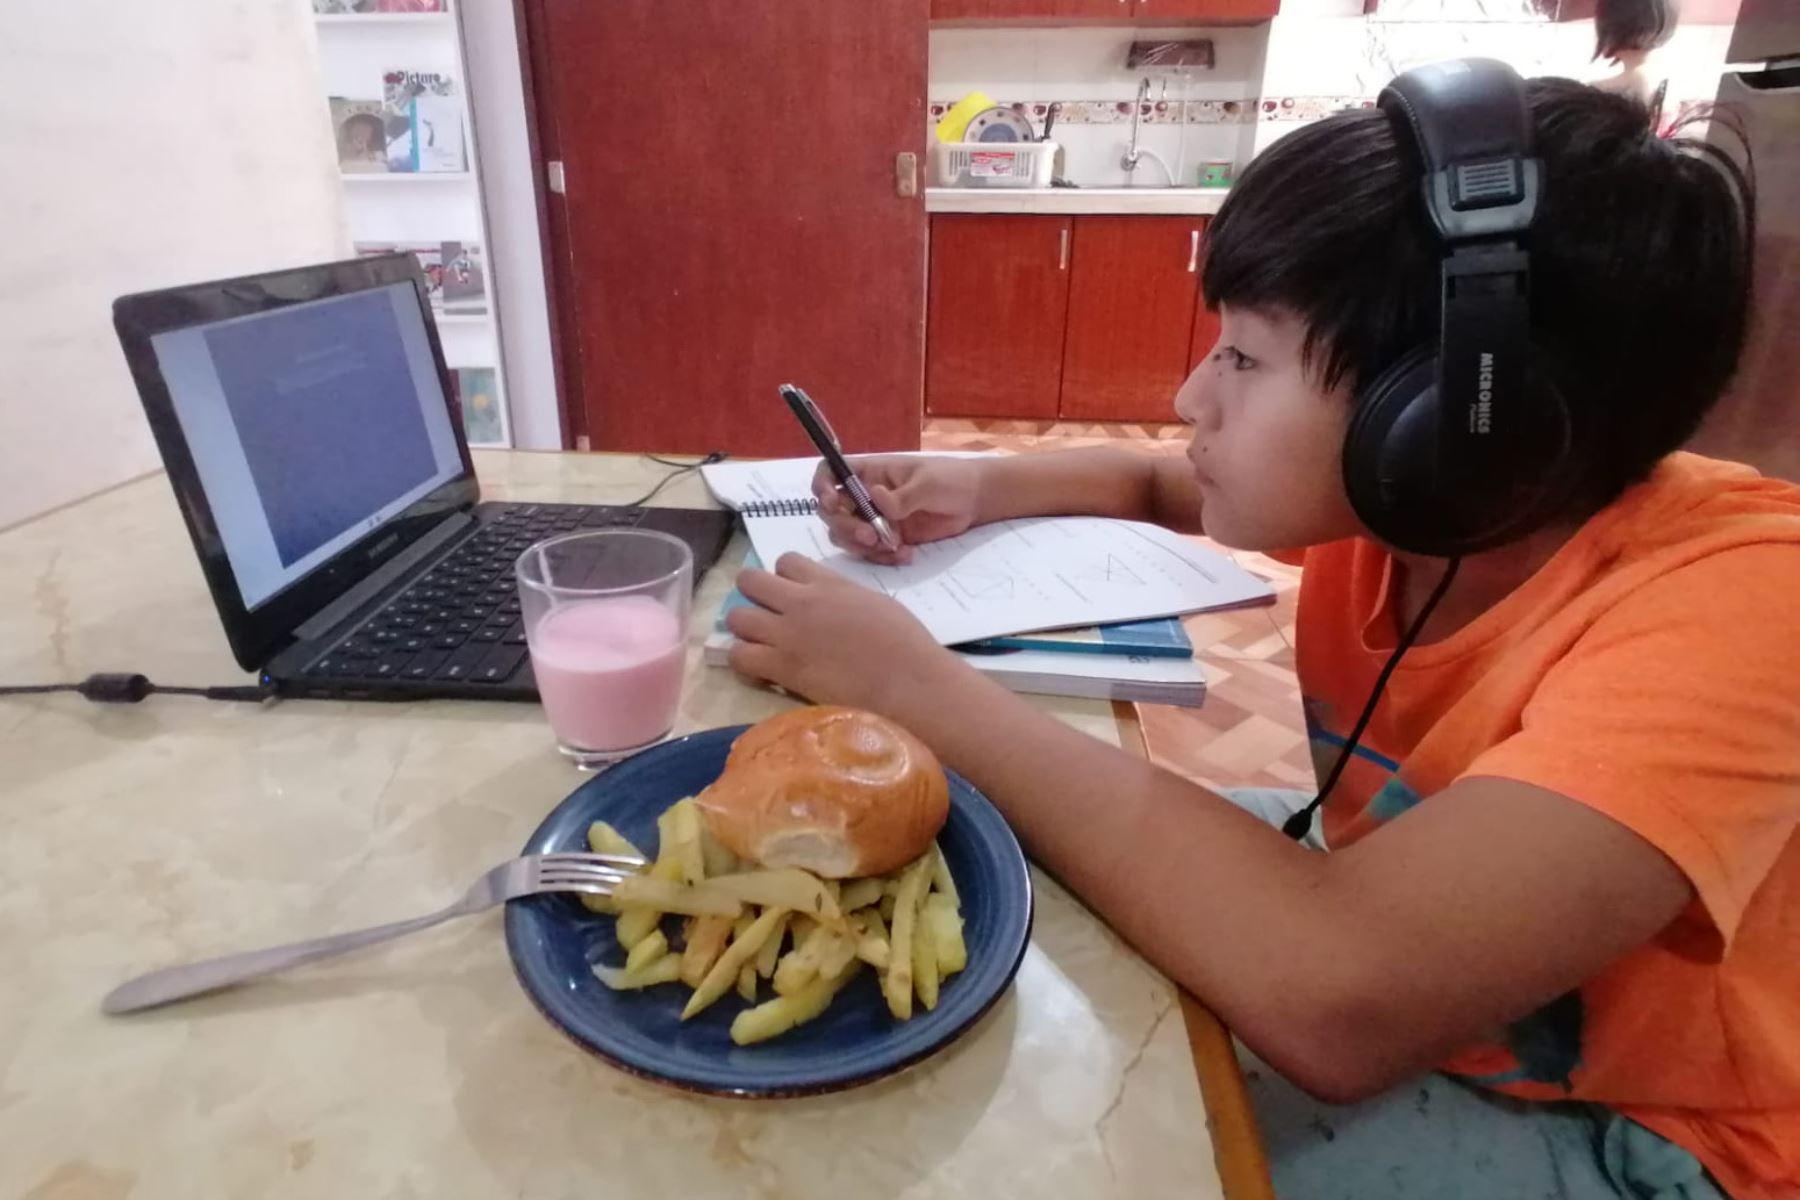 Nutricionista Saby Mauricio sostiene que alimentos deben ser ingeridos en momentos fuera de clase. Foto: difusión.